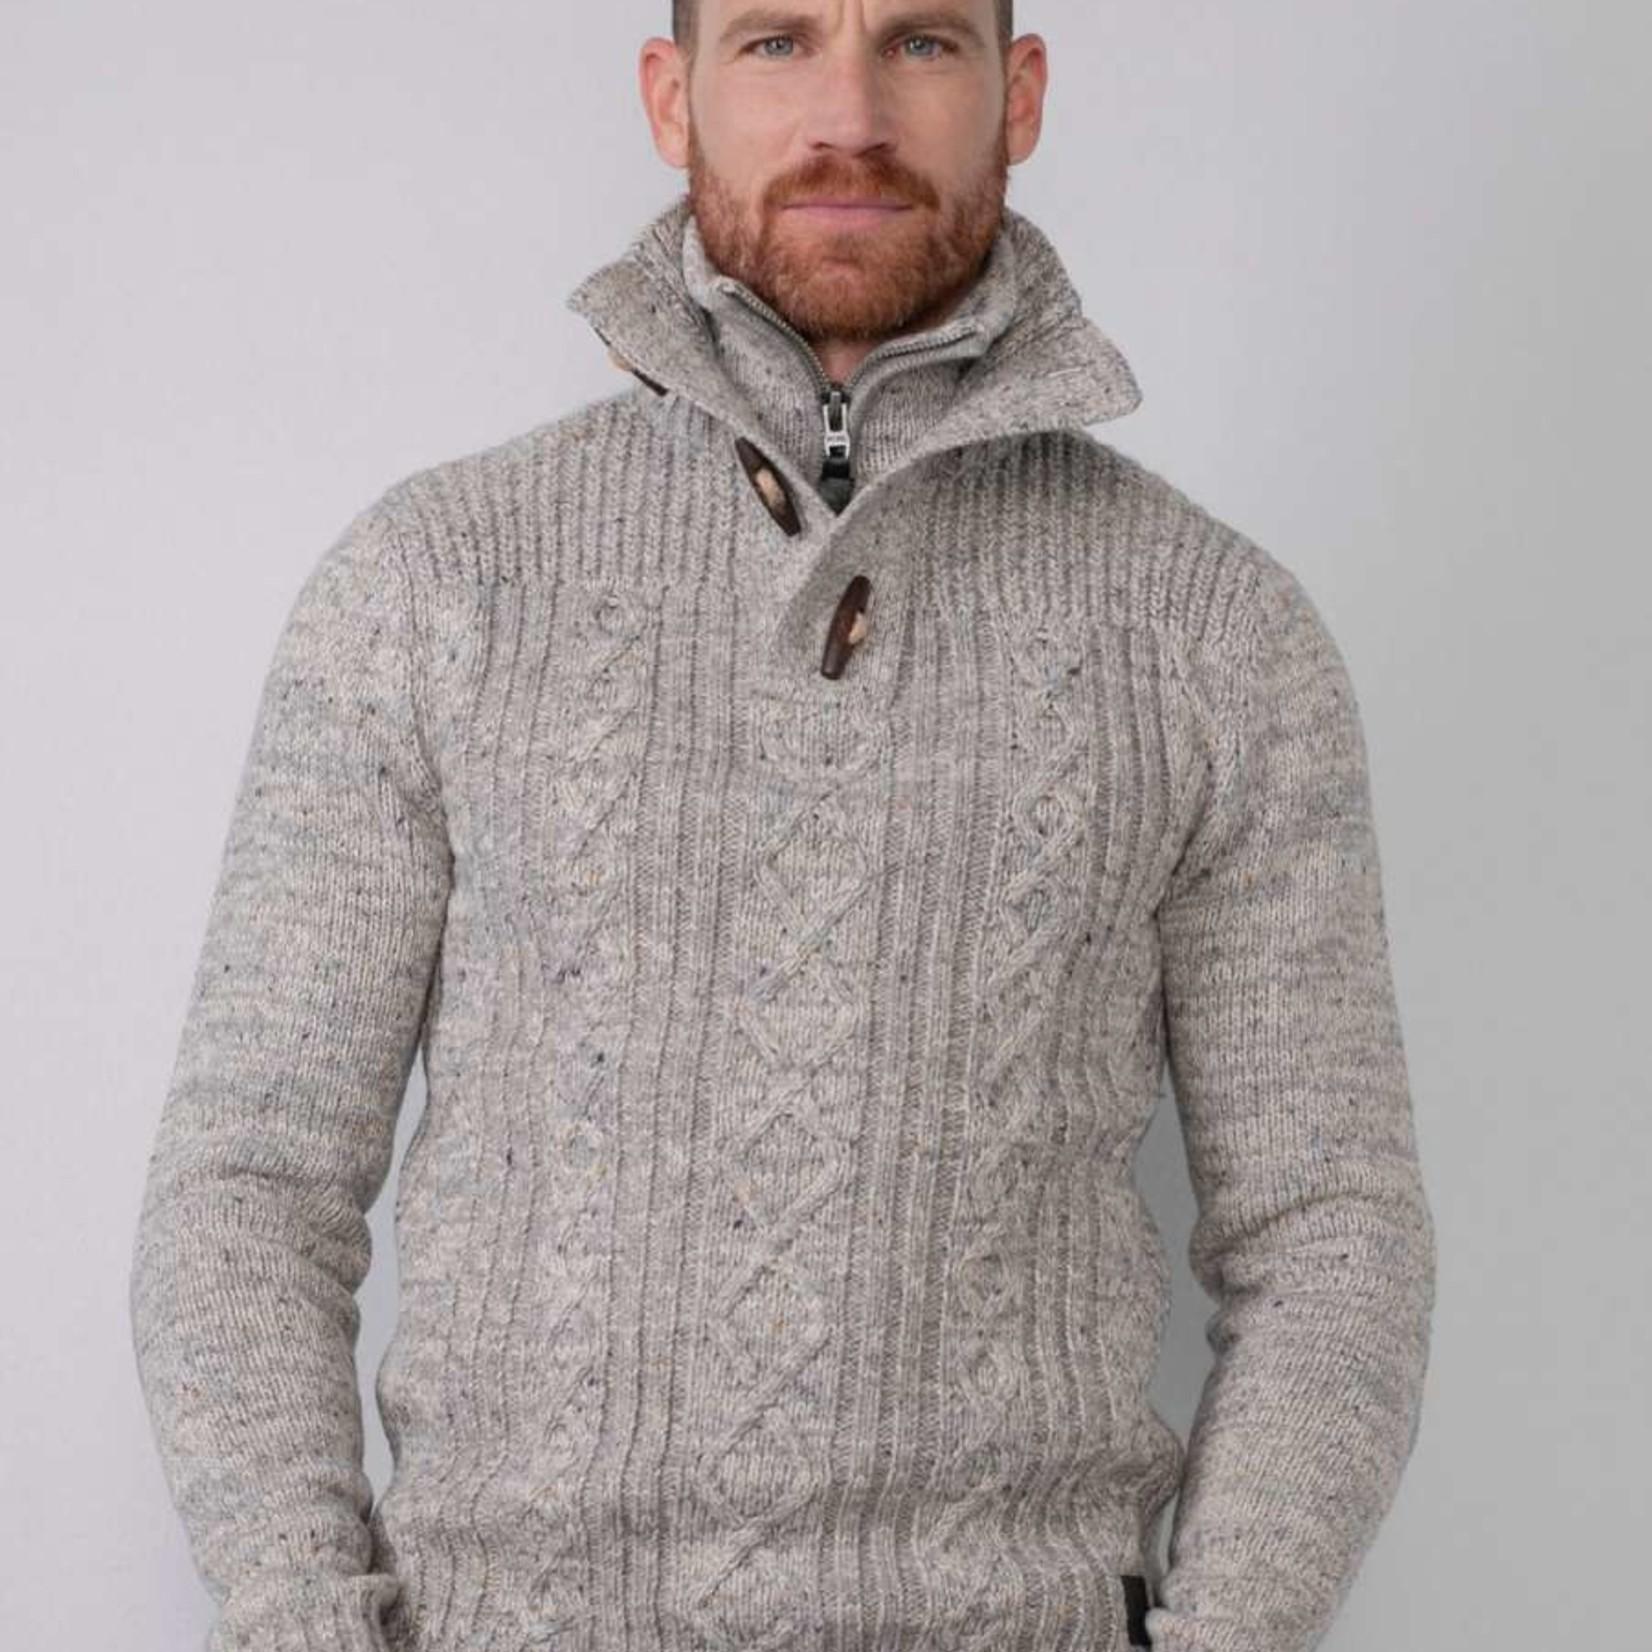 PETROL MEN KNIT WEAR COLLAR, vest